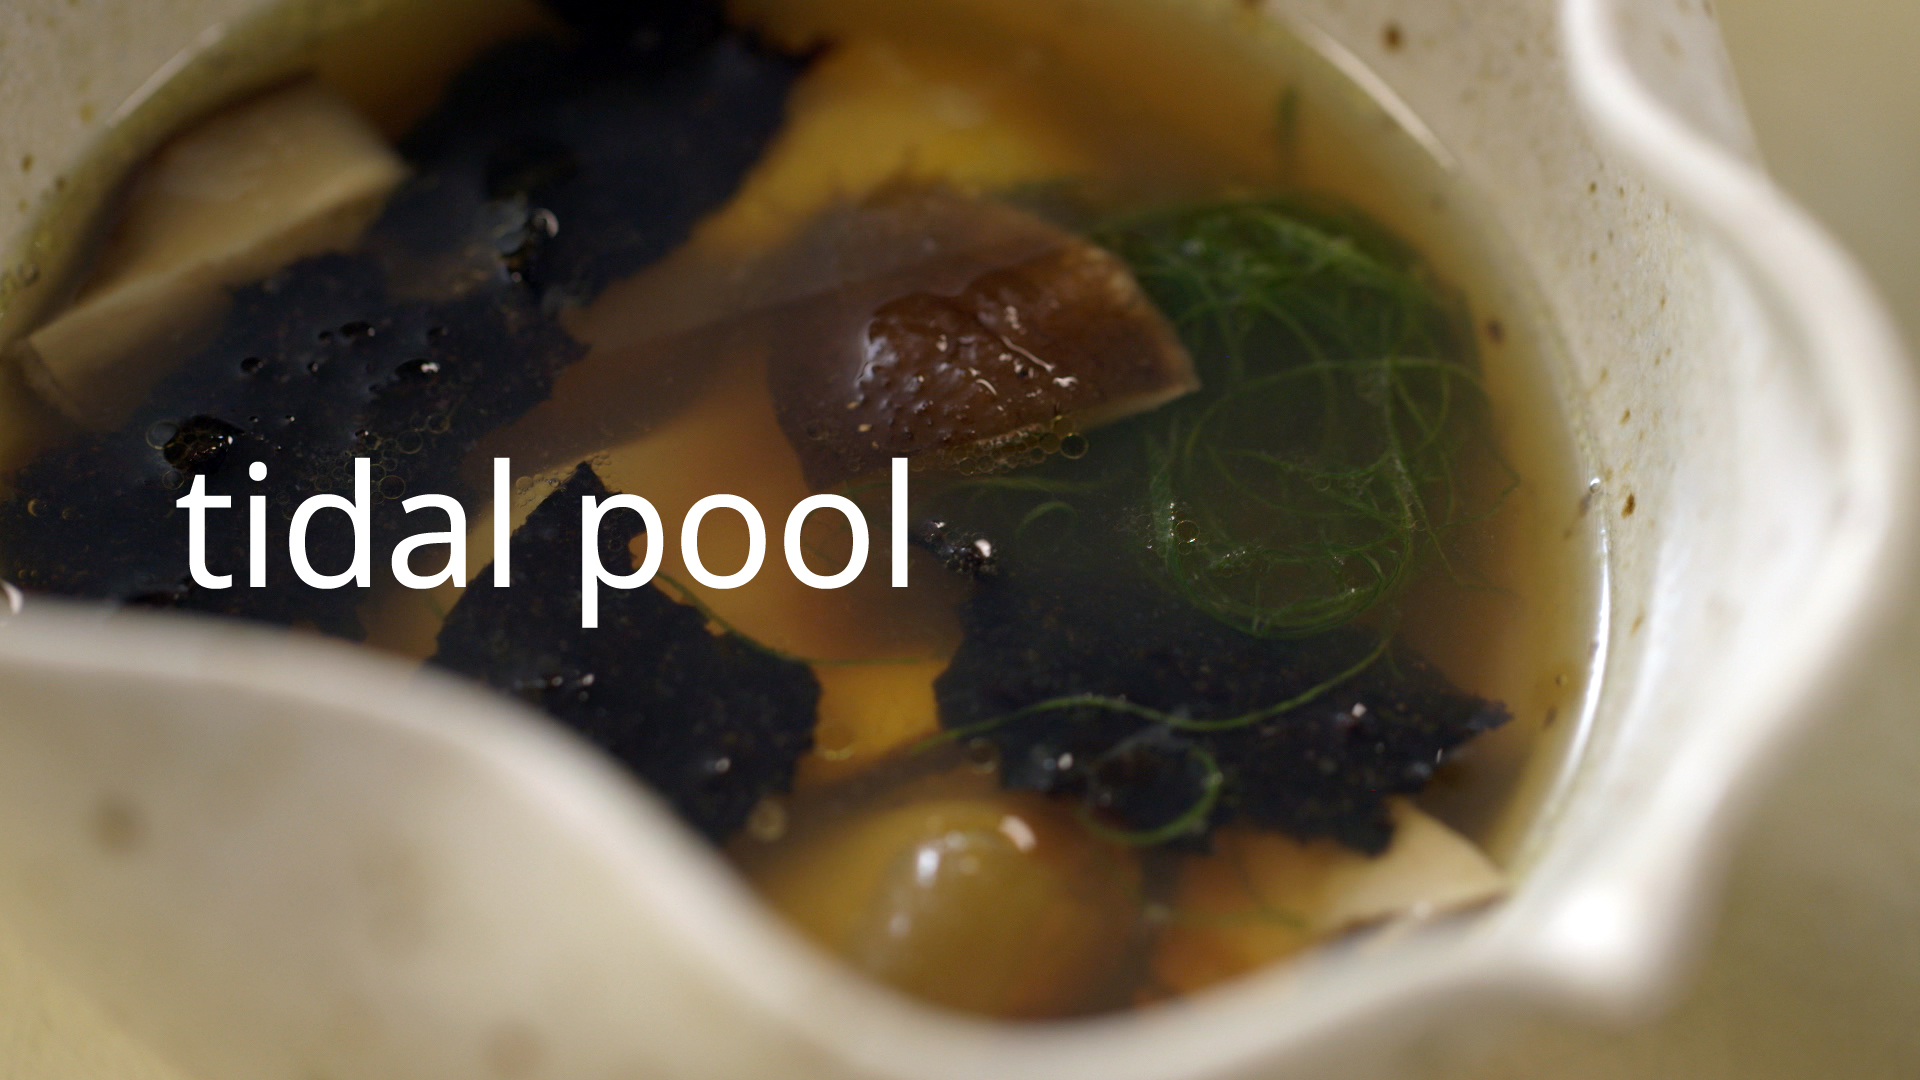 tidal-pool-v21.jpg